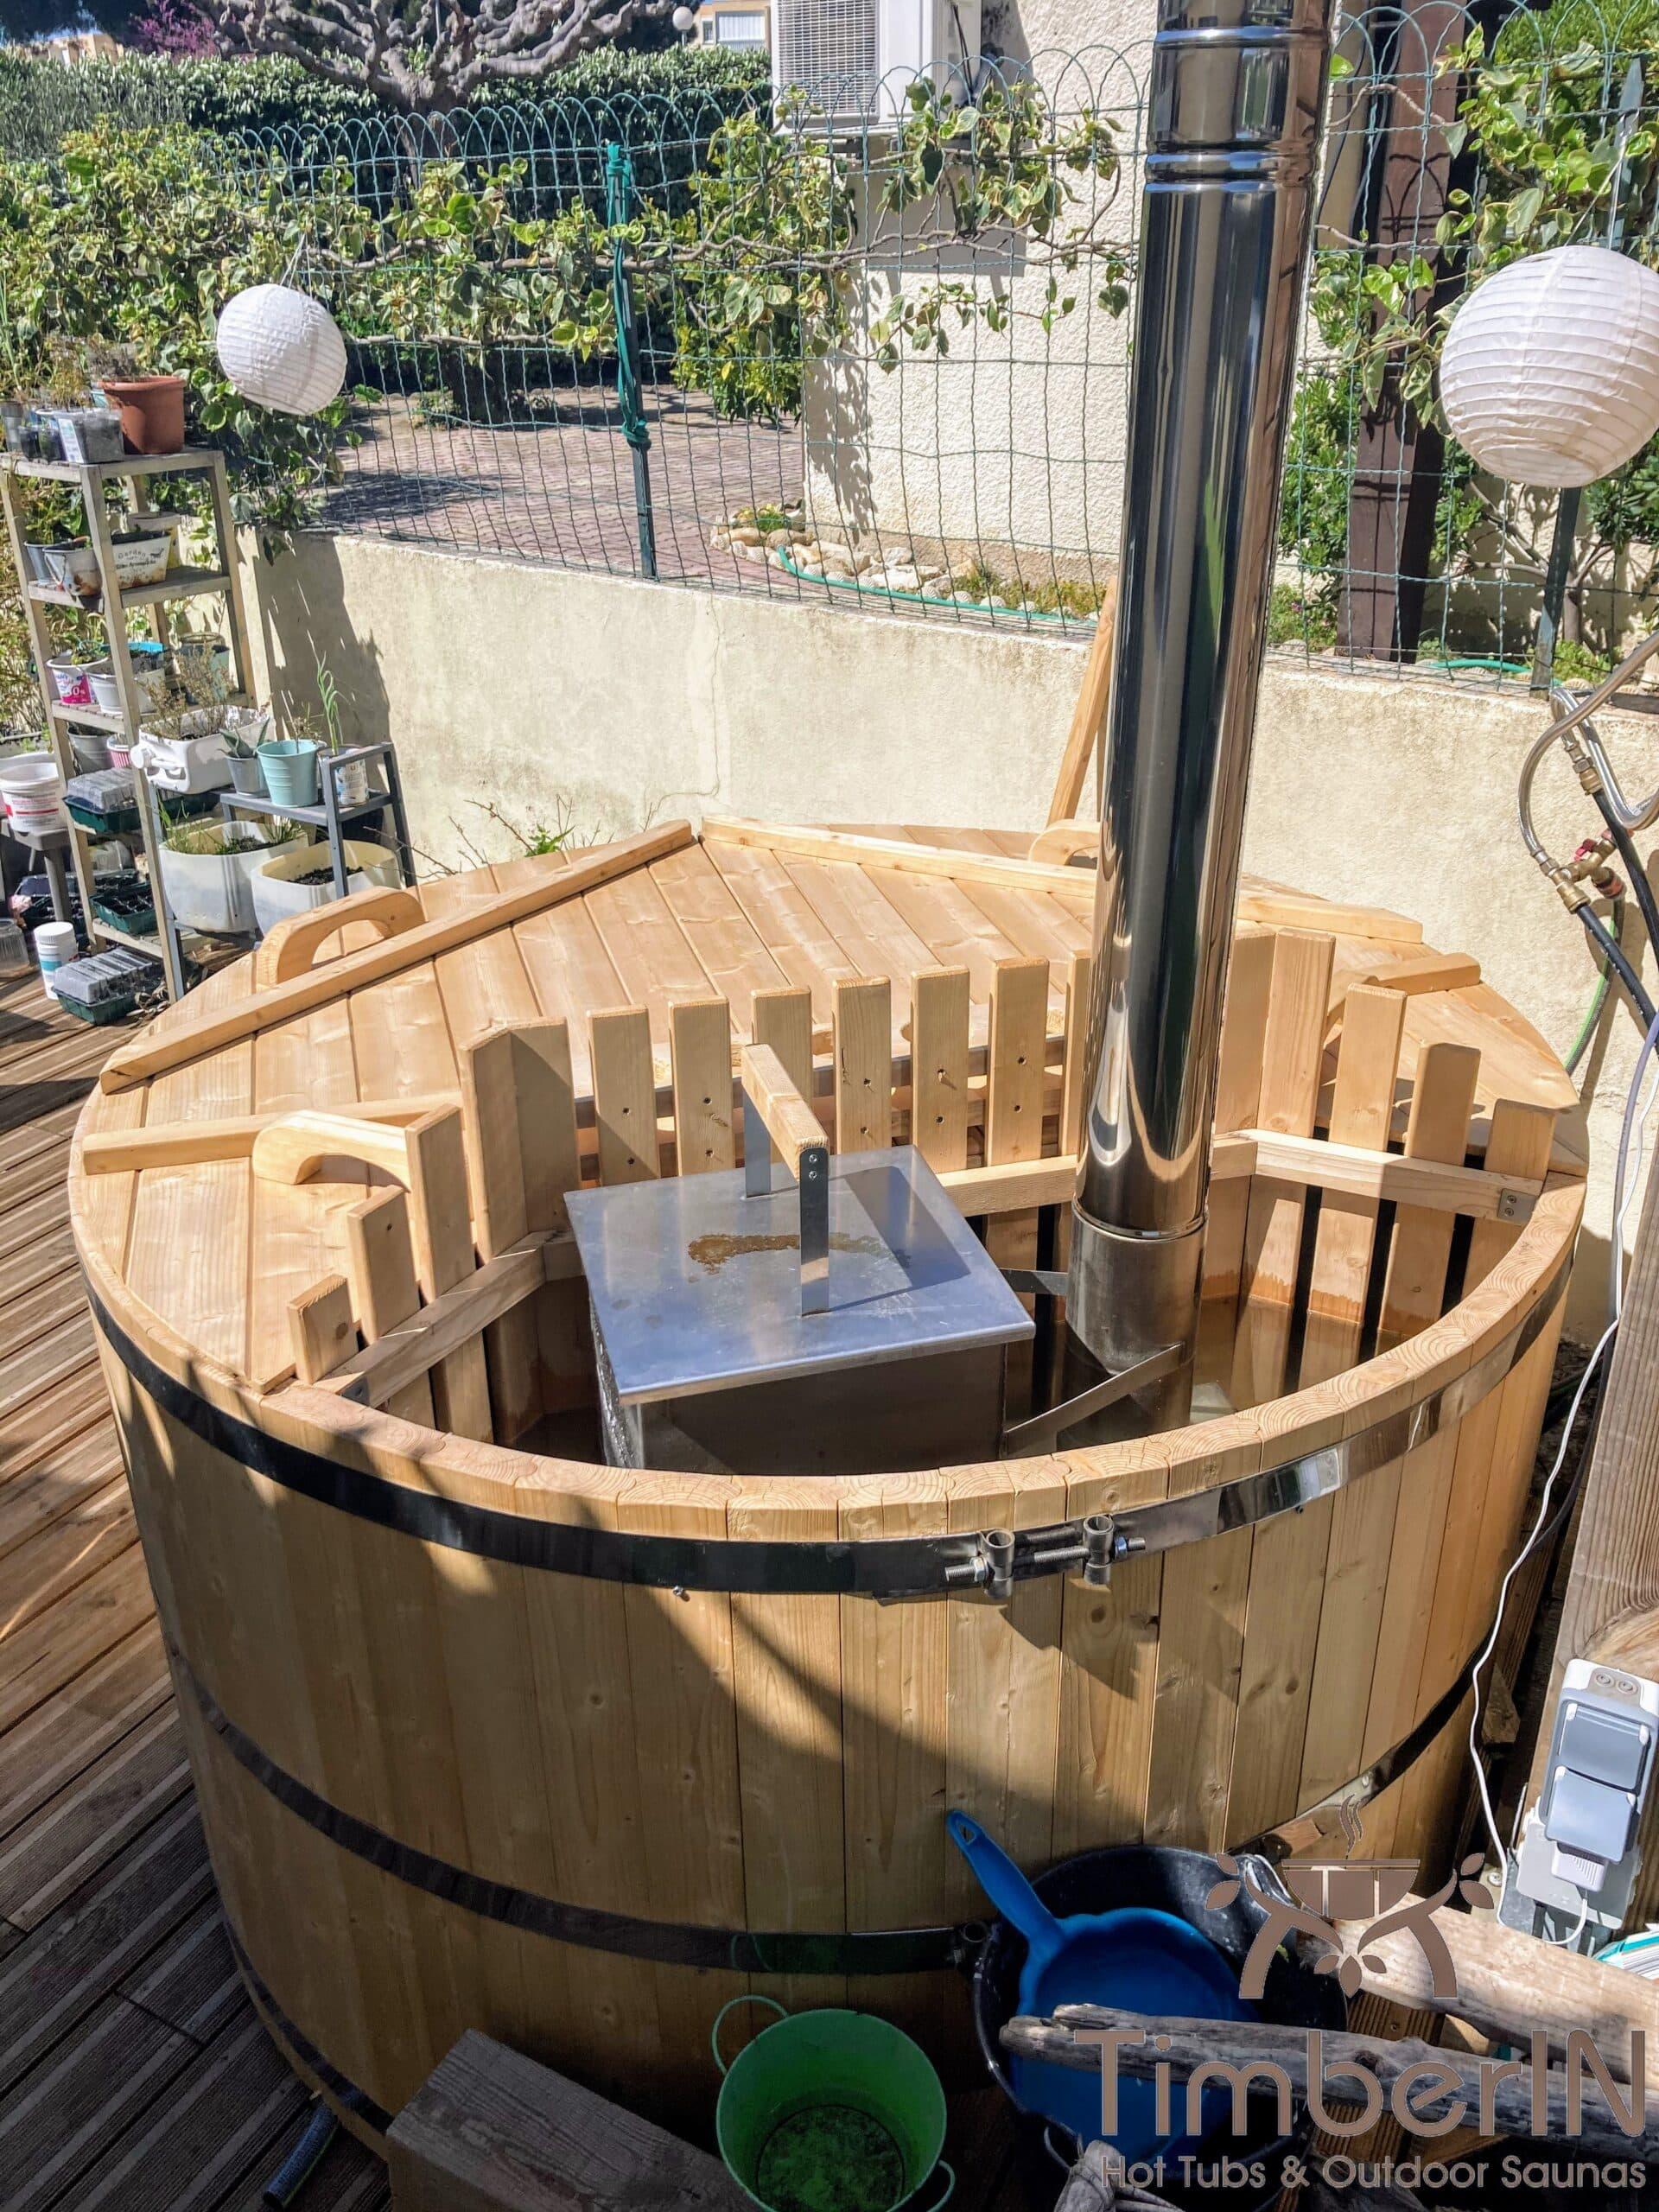 Badebottich aus Holz guenstiges Modell 2 scaled